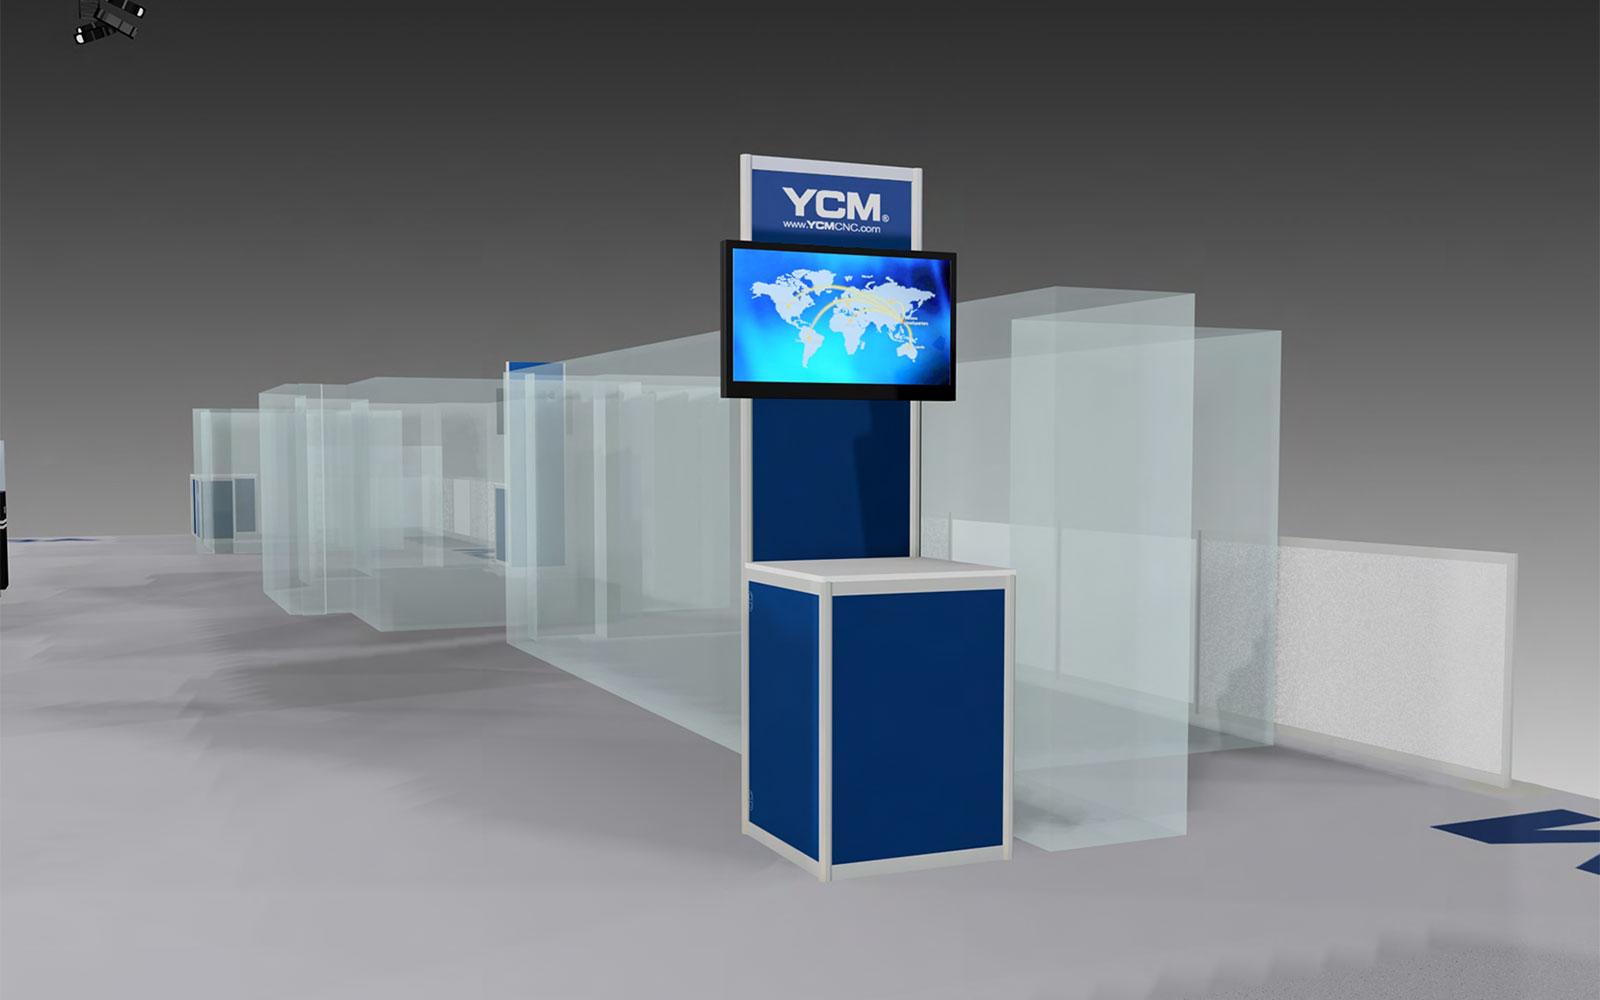 YCM 6